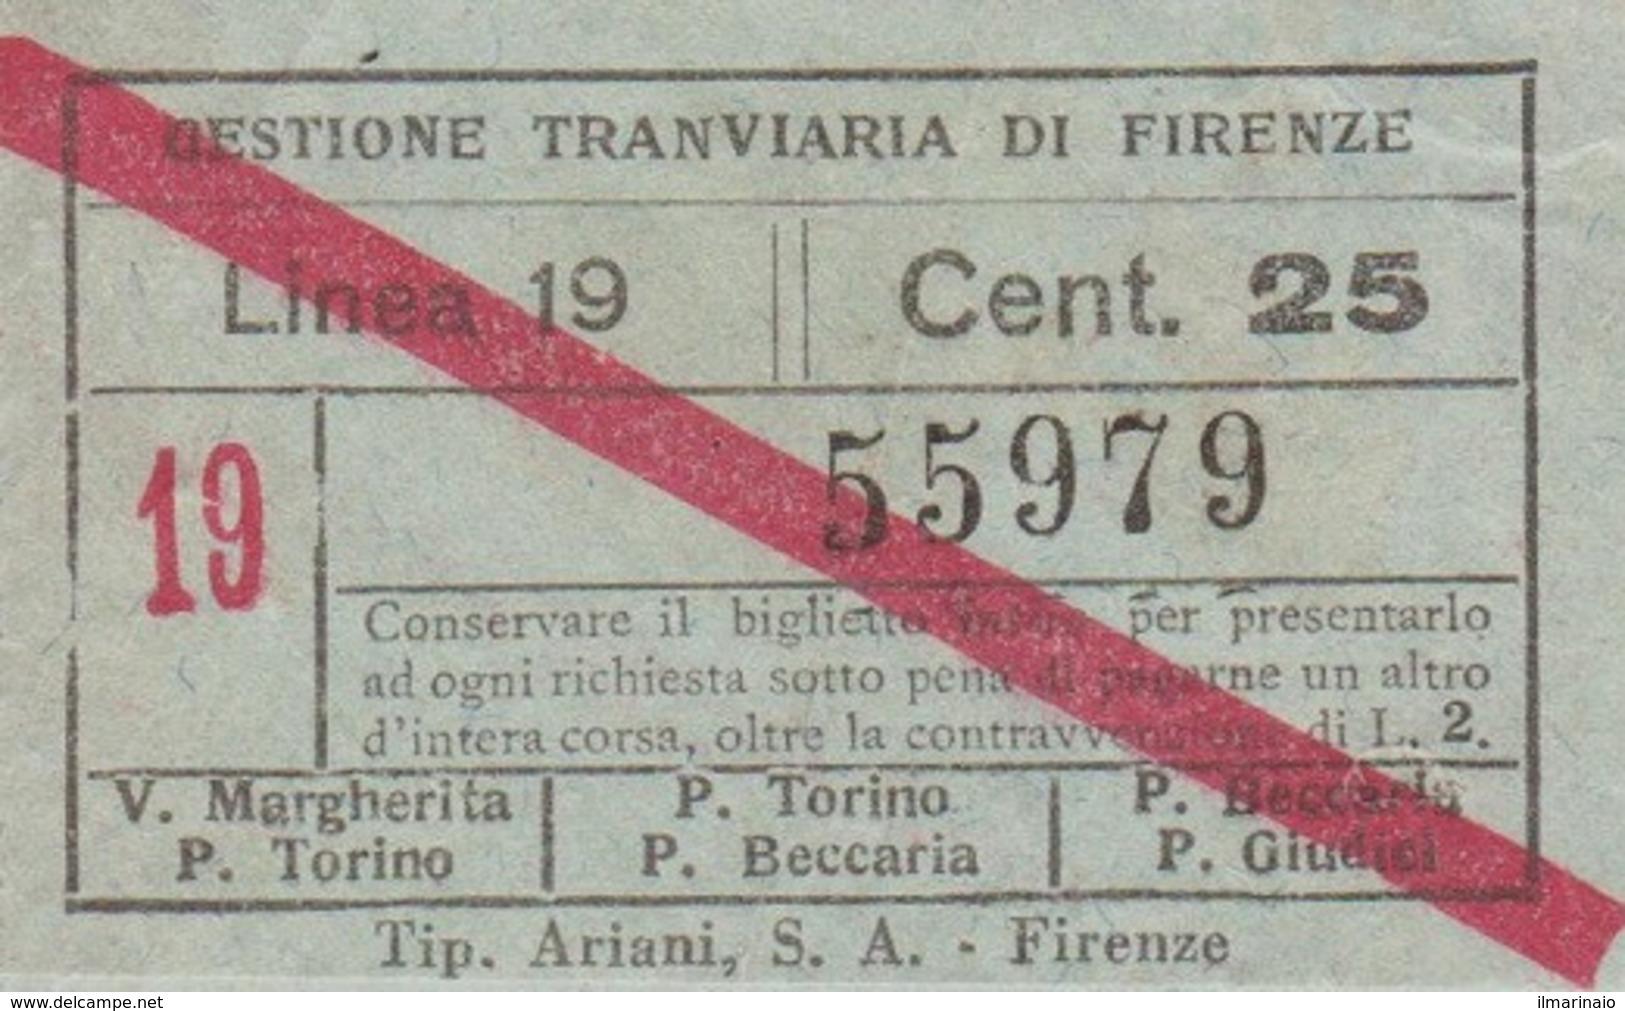 ** GESTIONE TRANVIARIA DI FIRENZE.-** - Tram